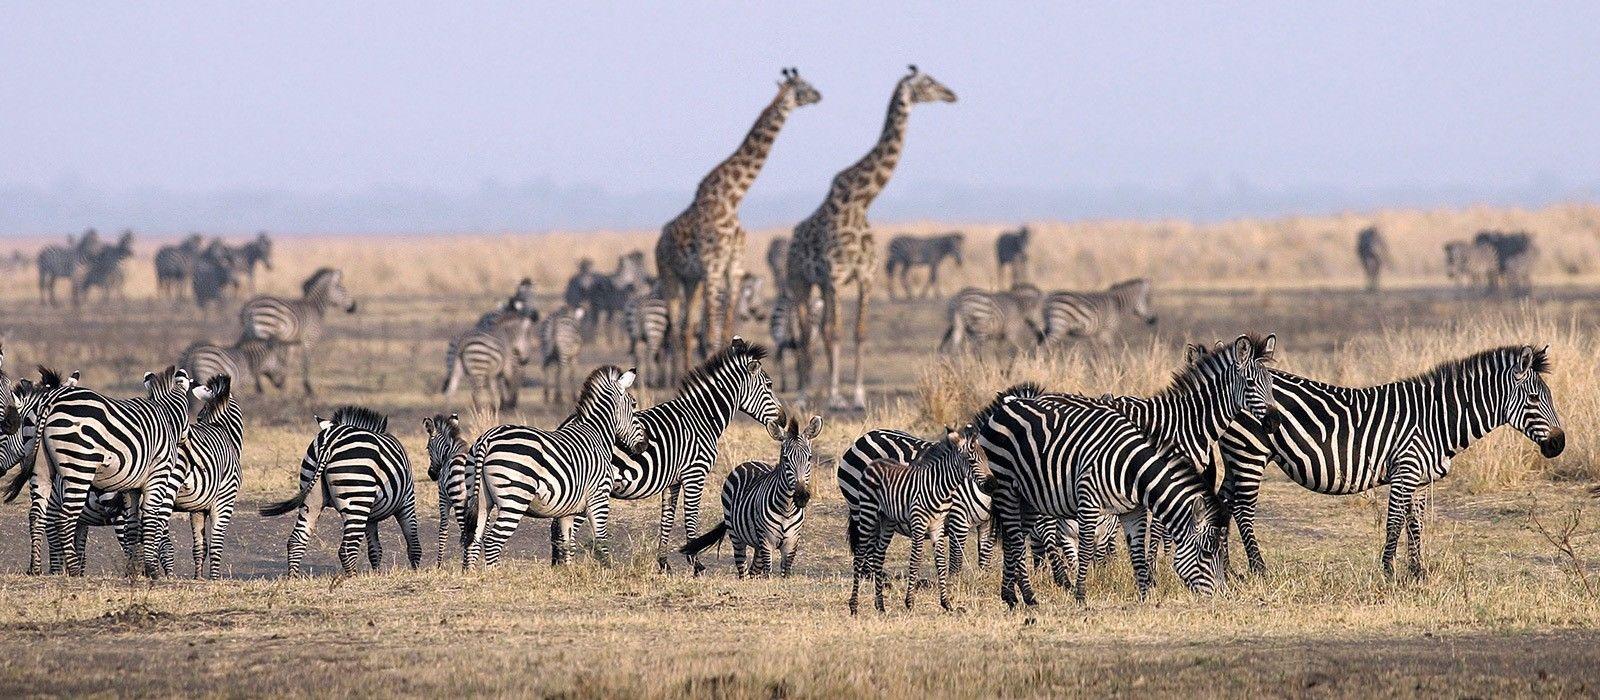 Tanzania: From Kilimanjaro to Zanzibar Tour Trip 5